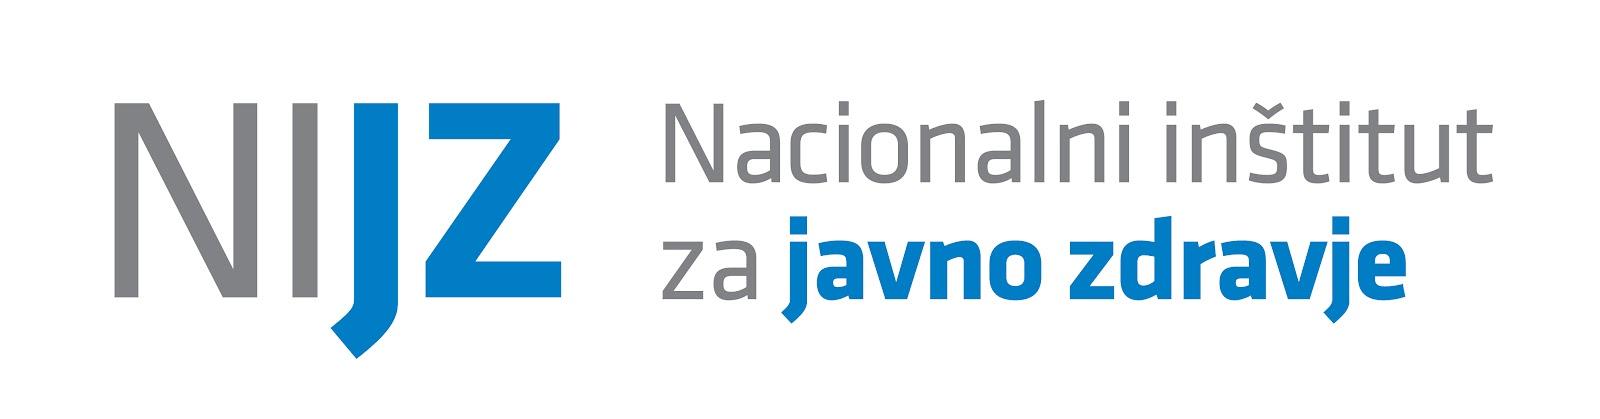 nijz_logo (1).jpg